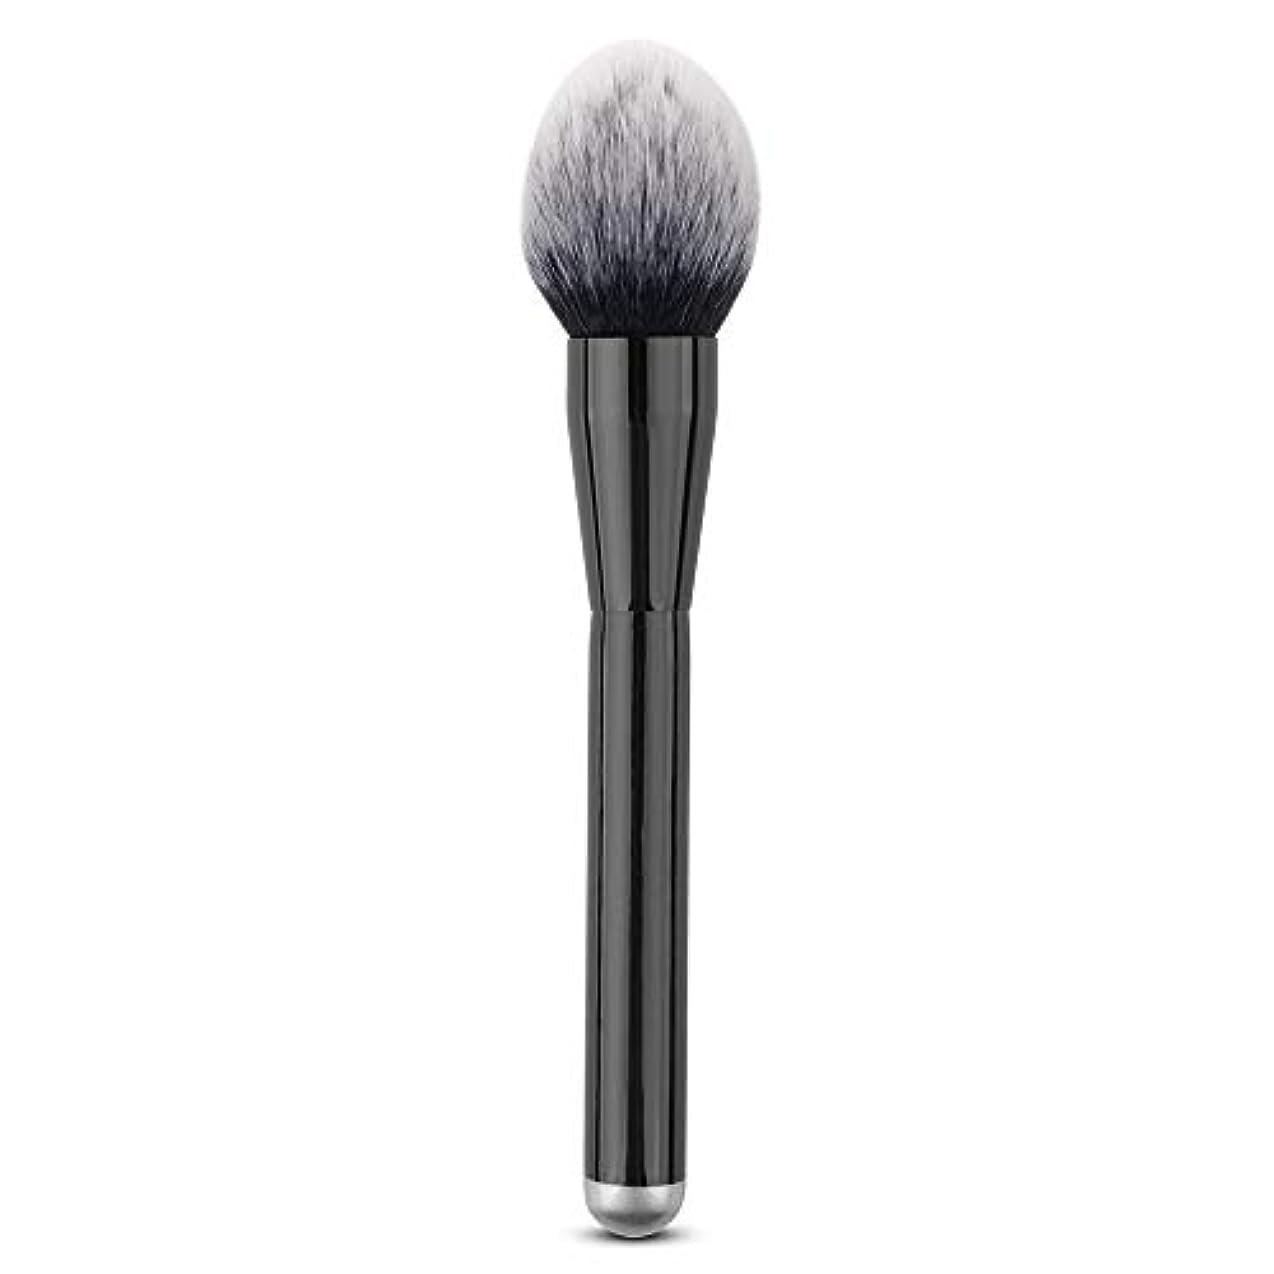 固める軽蔑破産Makeup brushes 単一のブラシ巧みな構造のブラシ柔らかいブラシPerdurableおよび携帯用構造専門の構造のブラシ suits (Color : Black)